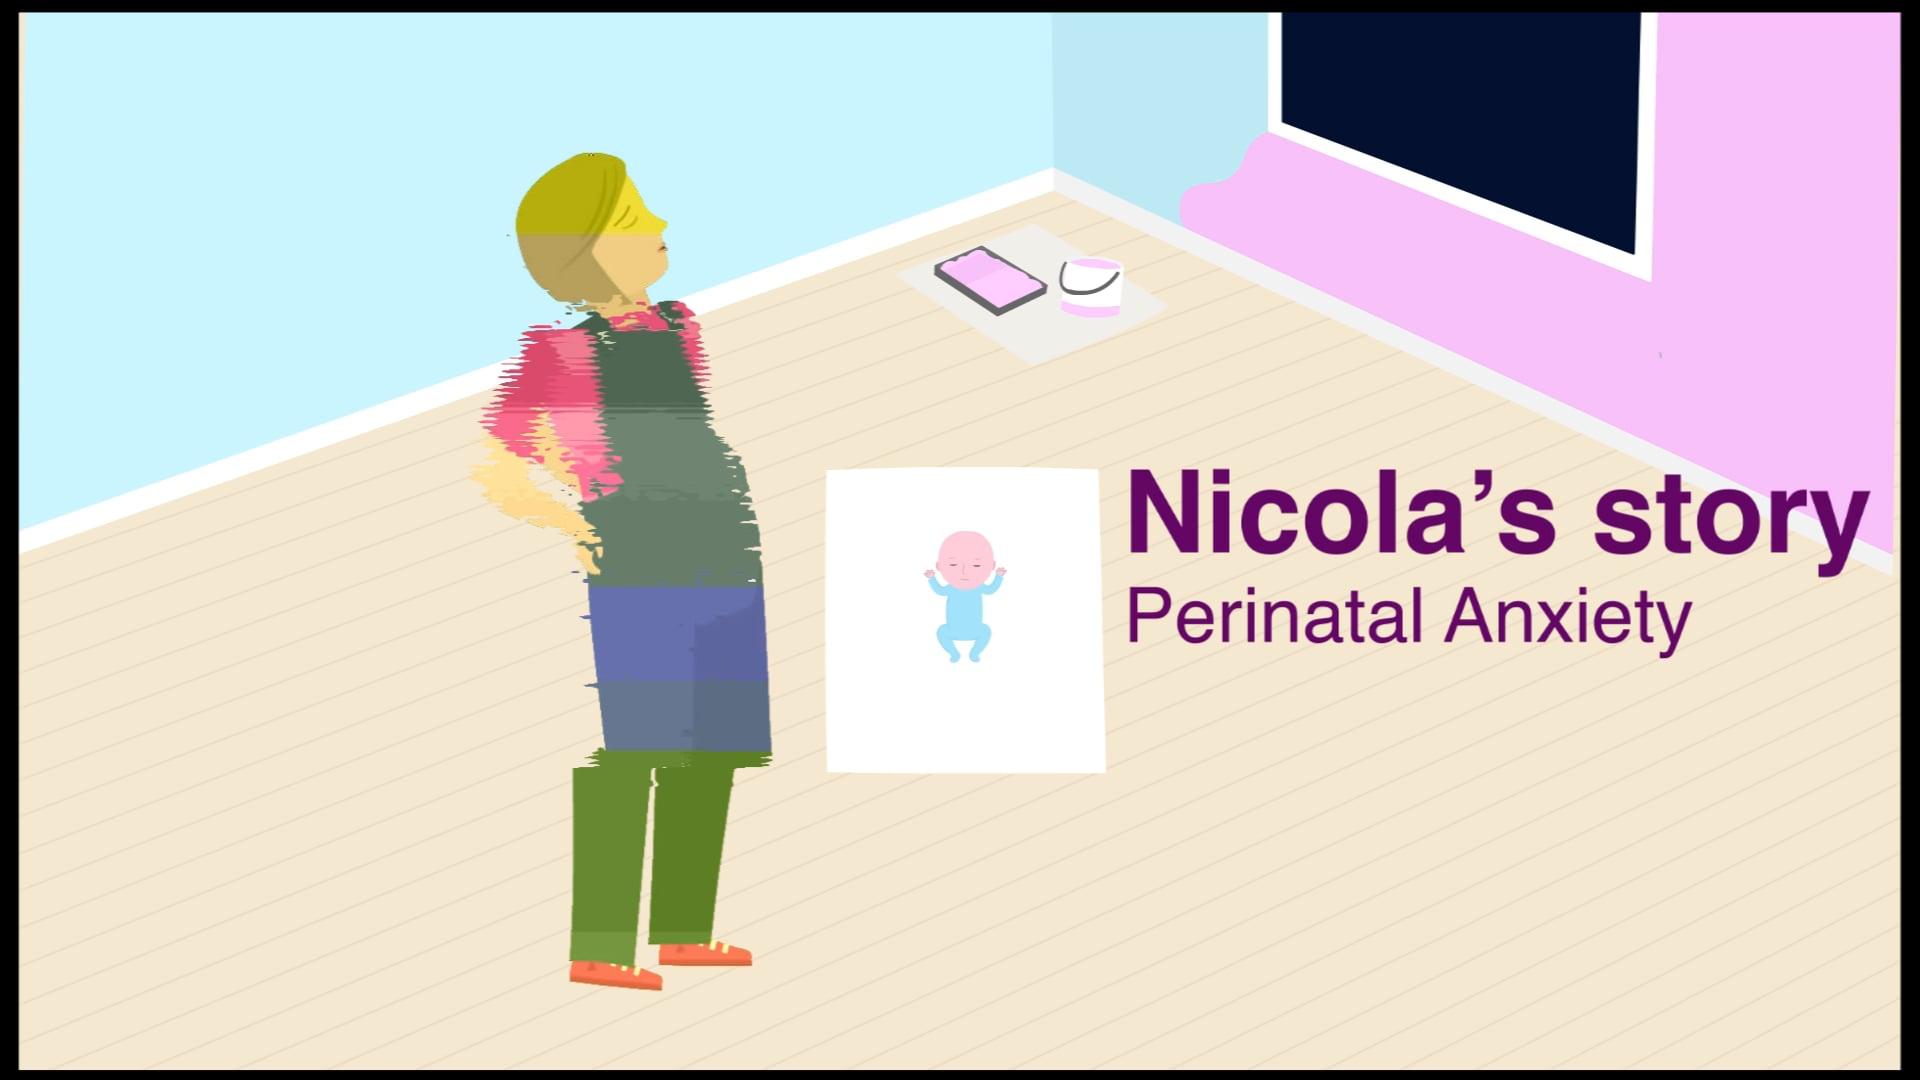 Nicola's story - Perinatal anxiety